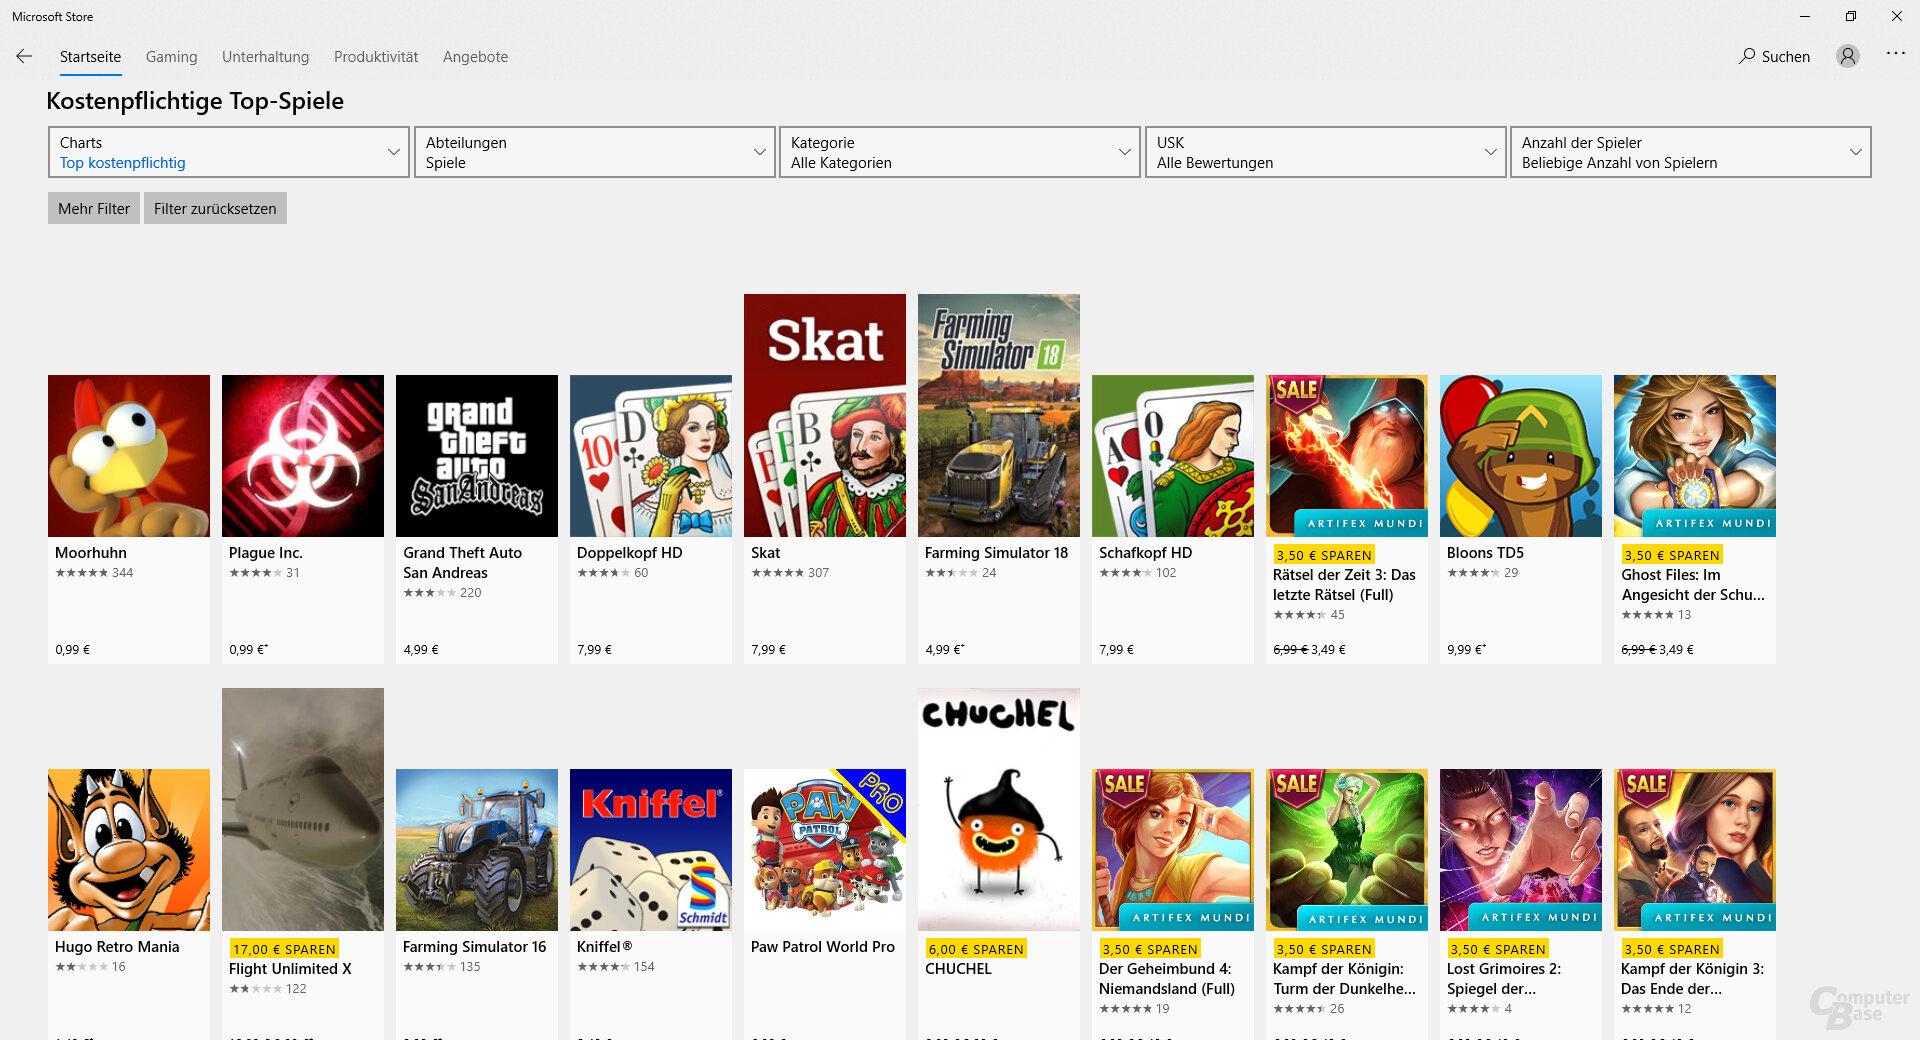 Top-Spiele im Microsoft Store für Arm